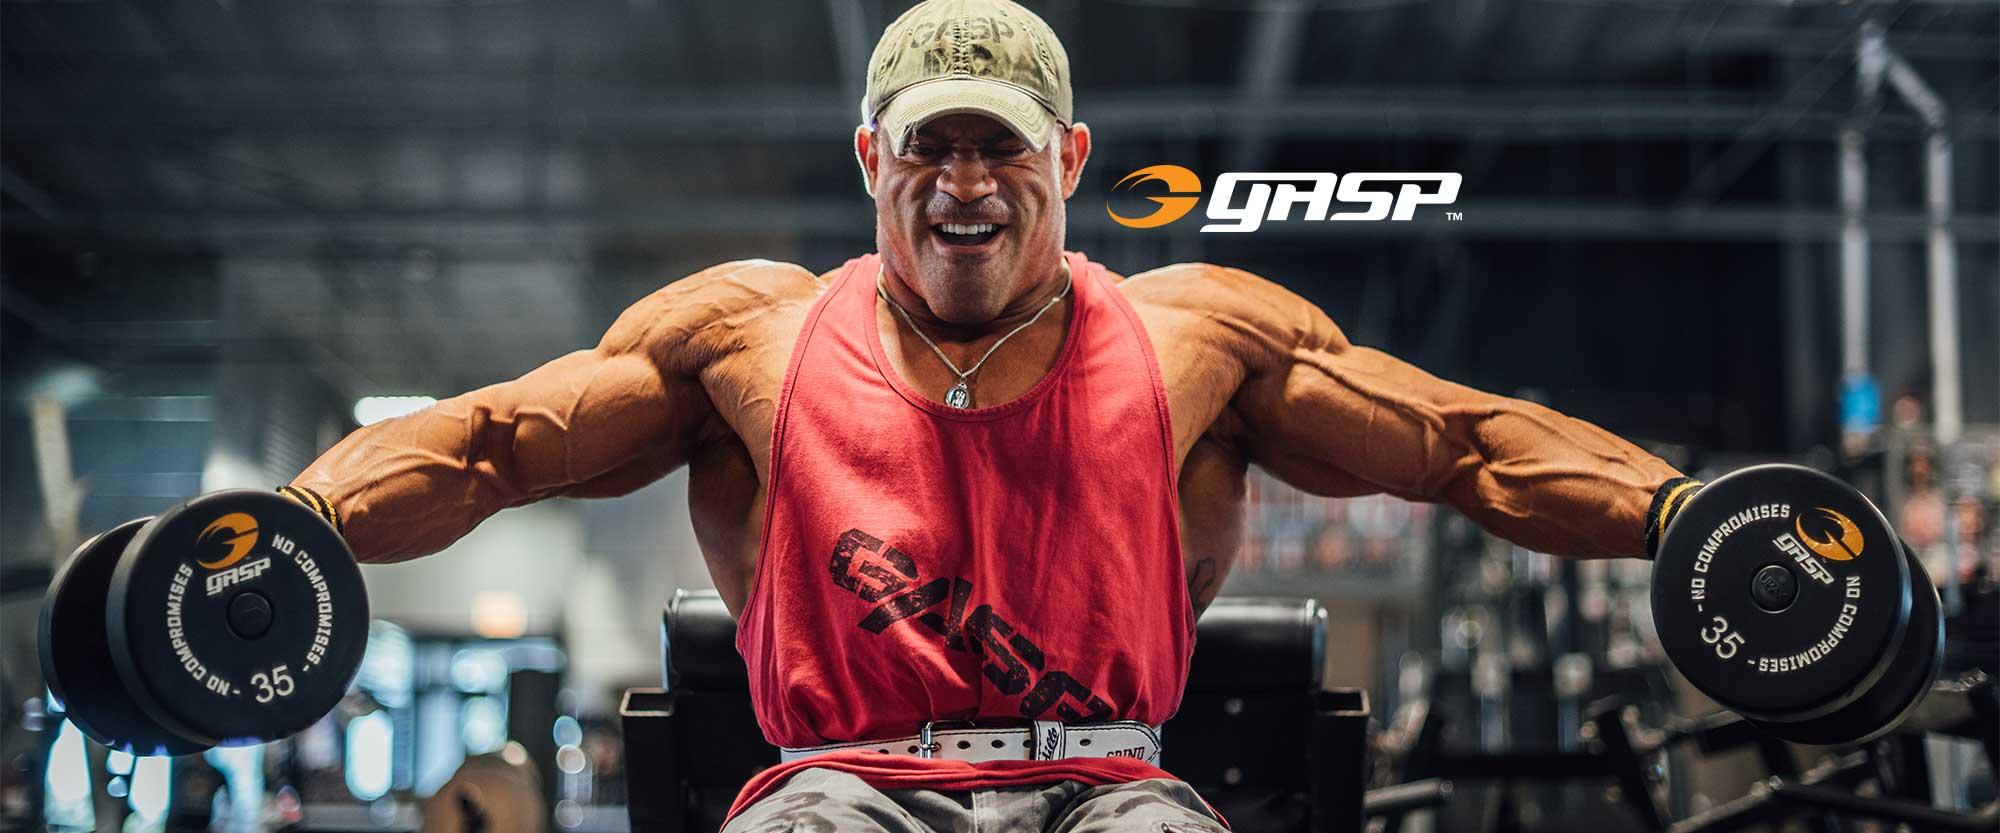 GASP Bodybuilding Gear Ontario